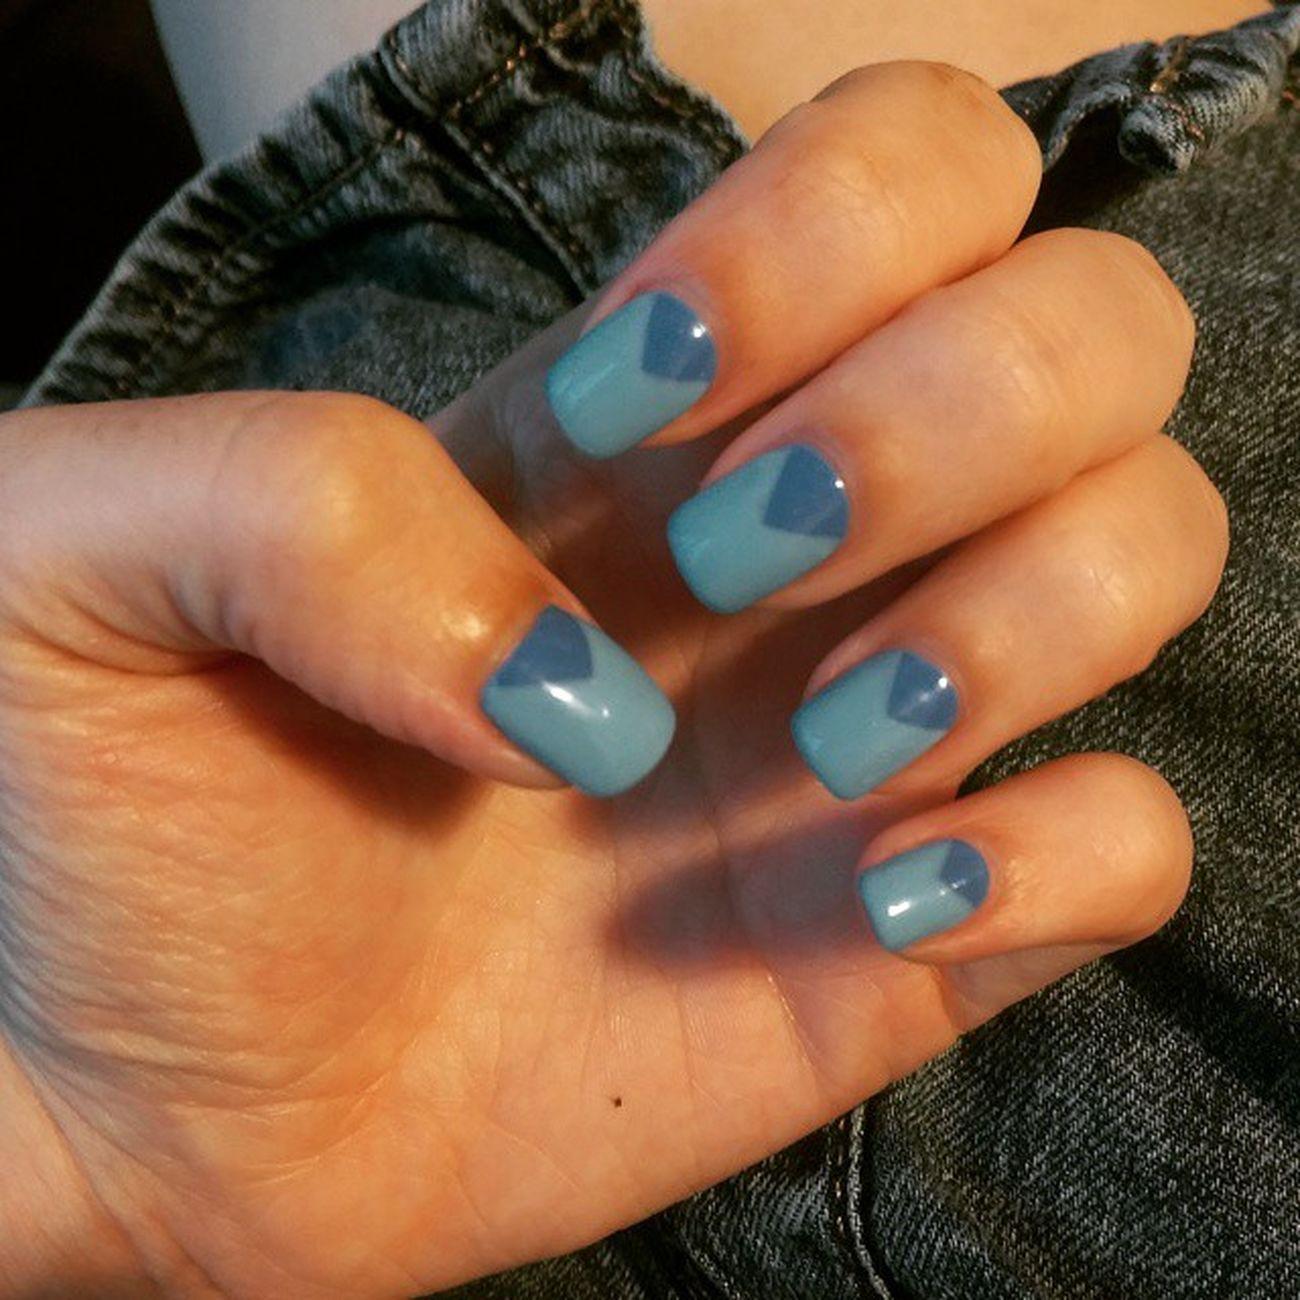 Newnails Feelingblue Manicure Superiornail Causewaybay  Dayoff